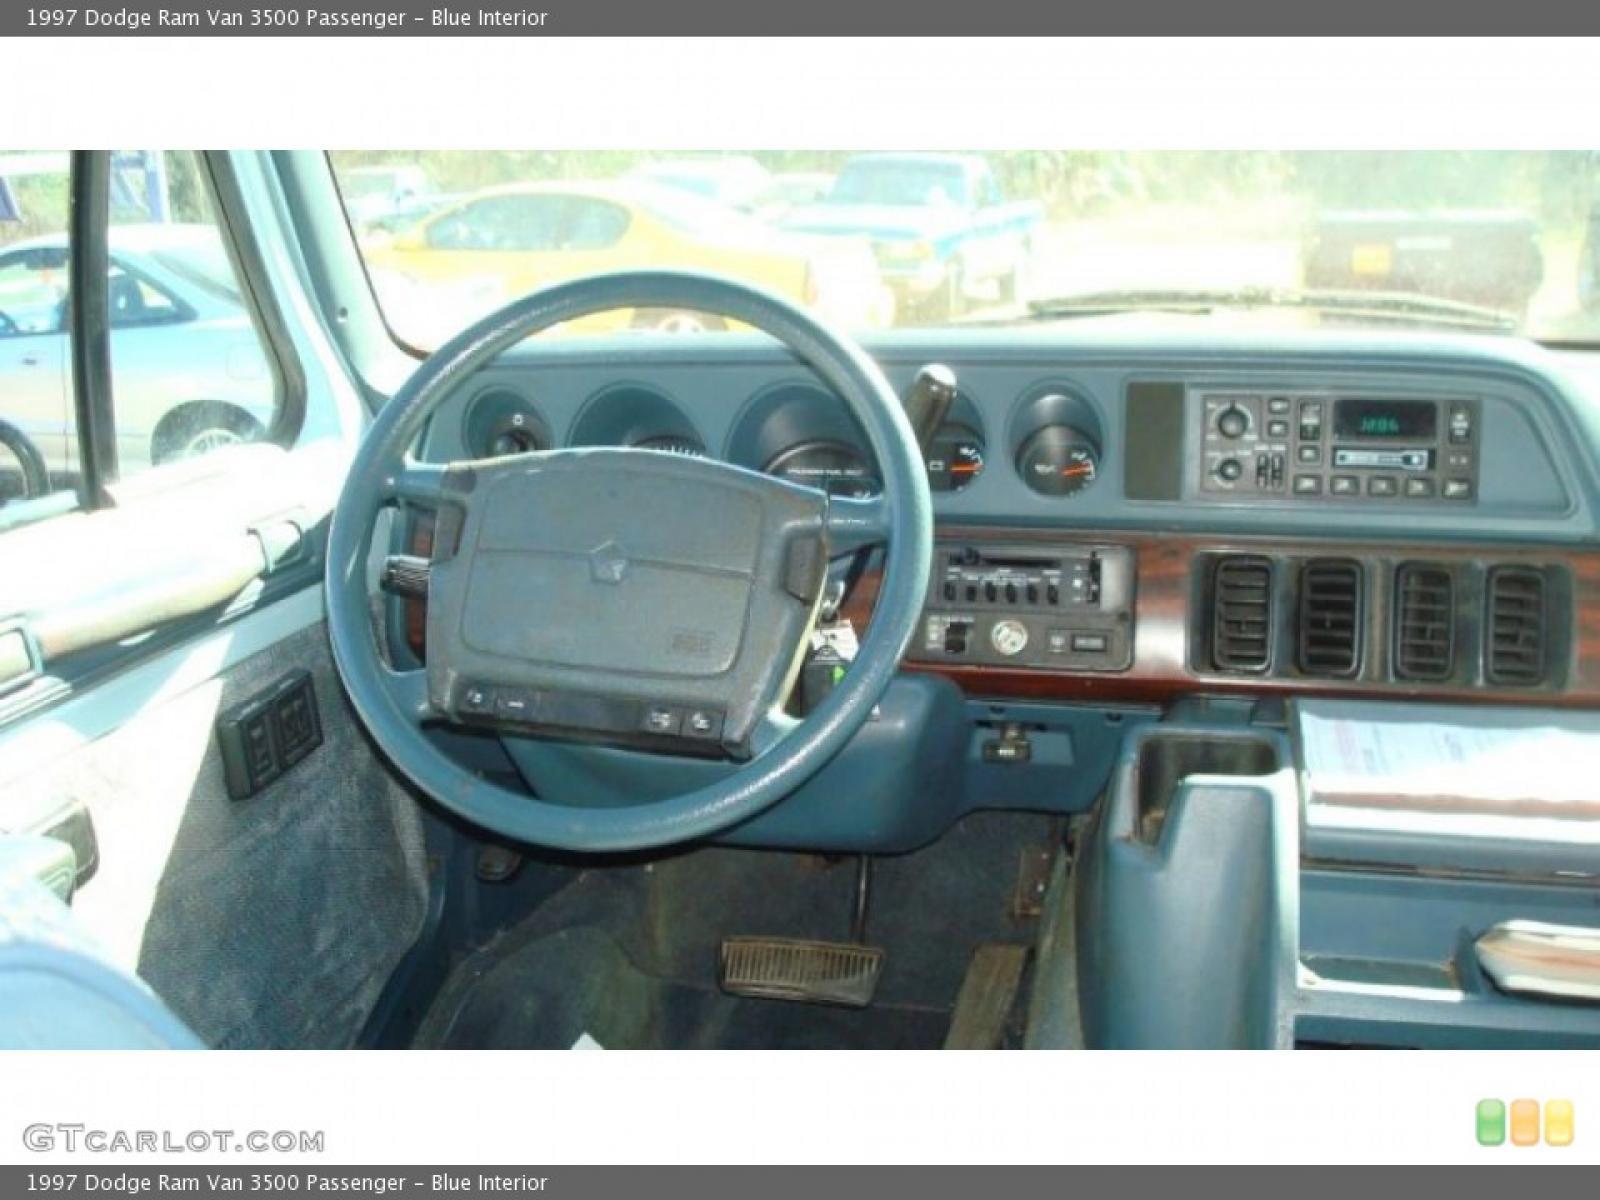 800 1024 1280 1600 Origin 1997 Dodge Ram Van